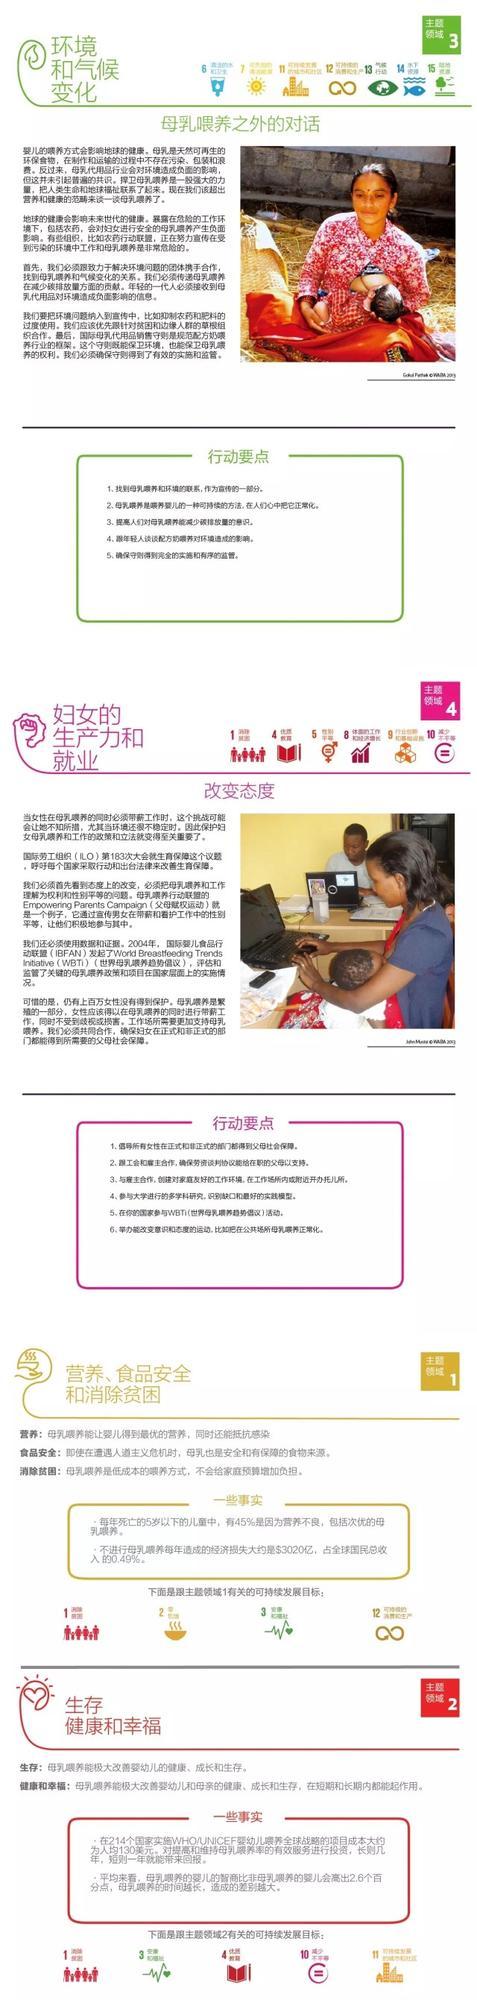 2017年世界母乳喂养周活动主题:母乳哺育,共同维护!